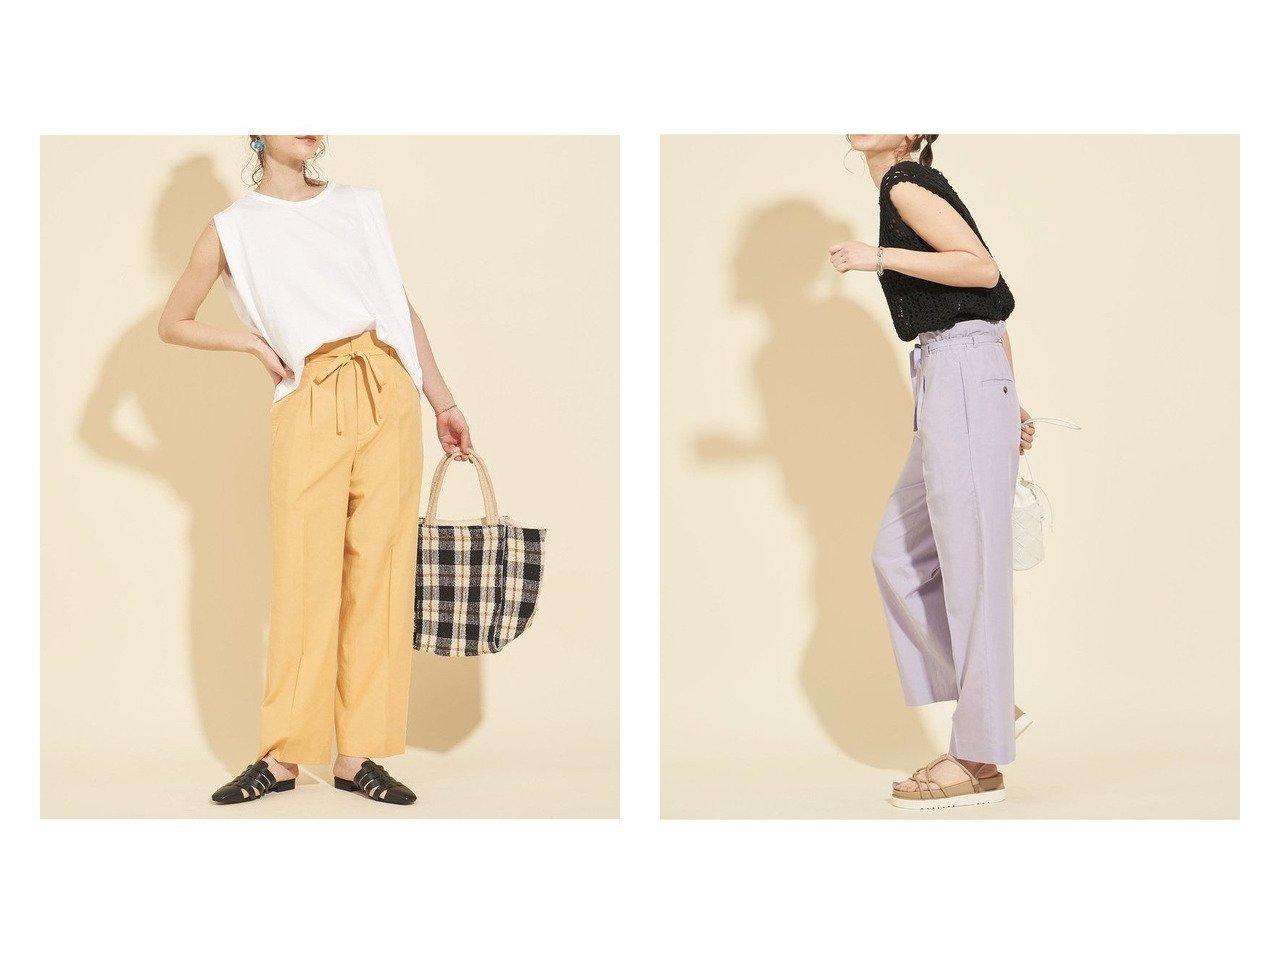 【BEAUTY&YOUTH / UNITED ARROWS/ビューティ&ユース ユナイテッドアローズ】のBY ウエストゴムイージーベルトパンツ -ウォッシャブル- 【パンツ】おすすめ!人気、トレンド・レディースファッションの通販   おすすめで人気の流行・トレンド、ファッションの通販商品 インテリア・家具・メンズファッション・キッズファッション・レディースファッション・服の通販 founy(ファニー) https://founy.com/ ファッション Fashion レディースファッション WOMEN パンツ Pants ベルト Belts ウォッシャブル 春 Spring カットソー ギャザー ジーンズ センター 定番 Standard ノースリーブ フェミニン フロント プリーツ ボトム S/S・春夏 SS・Spring/Summer NEW・新作・新着・新入荷 New Arrivals 夏 Summer  ID:crp329100000052094